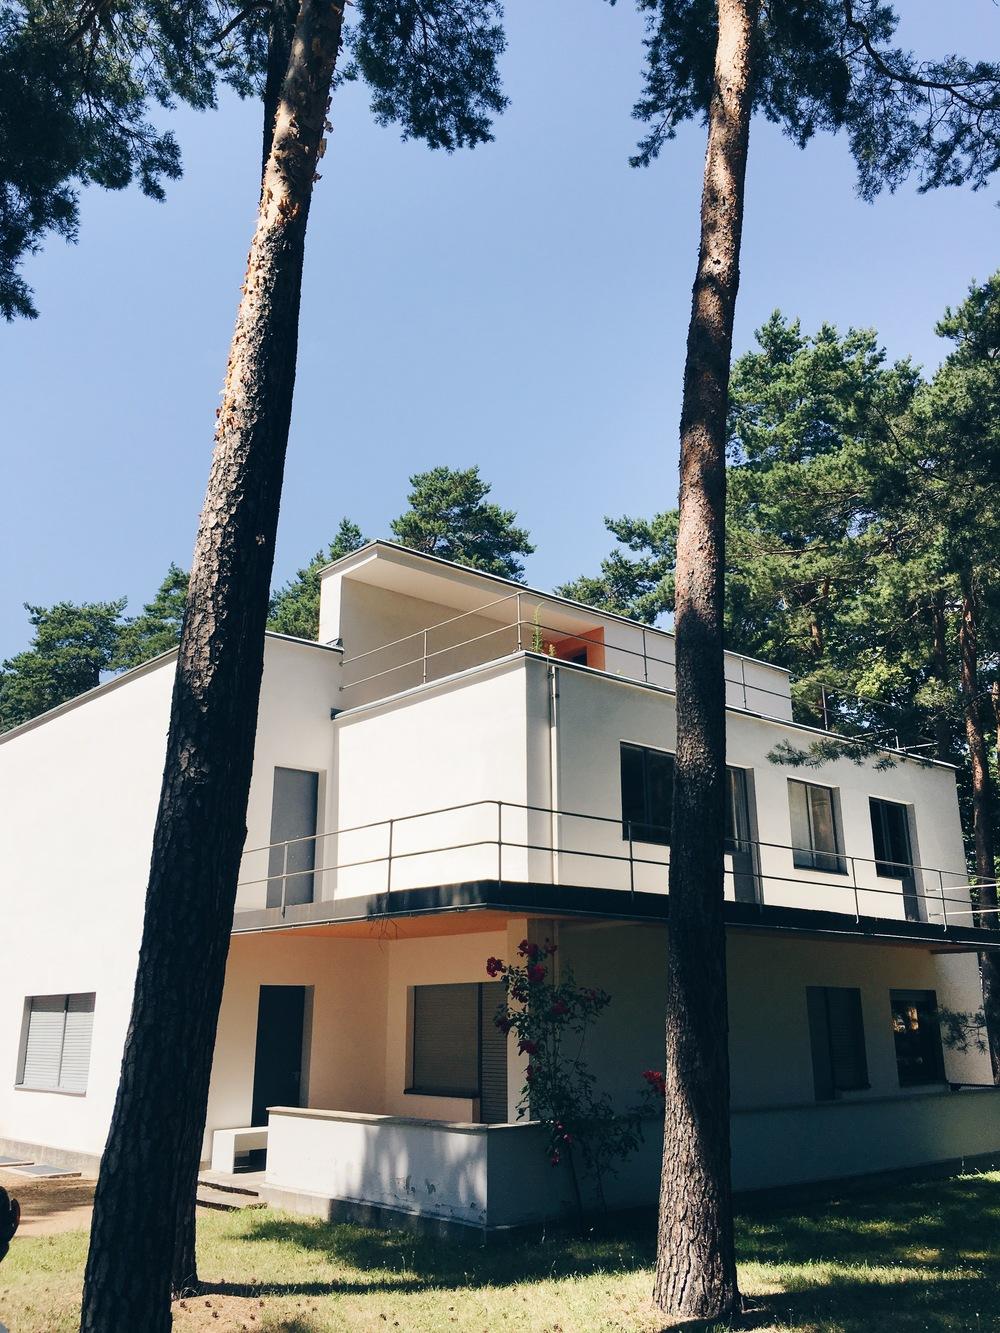 Meisterhaus, sommaren 2016.